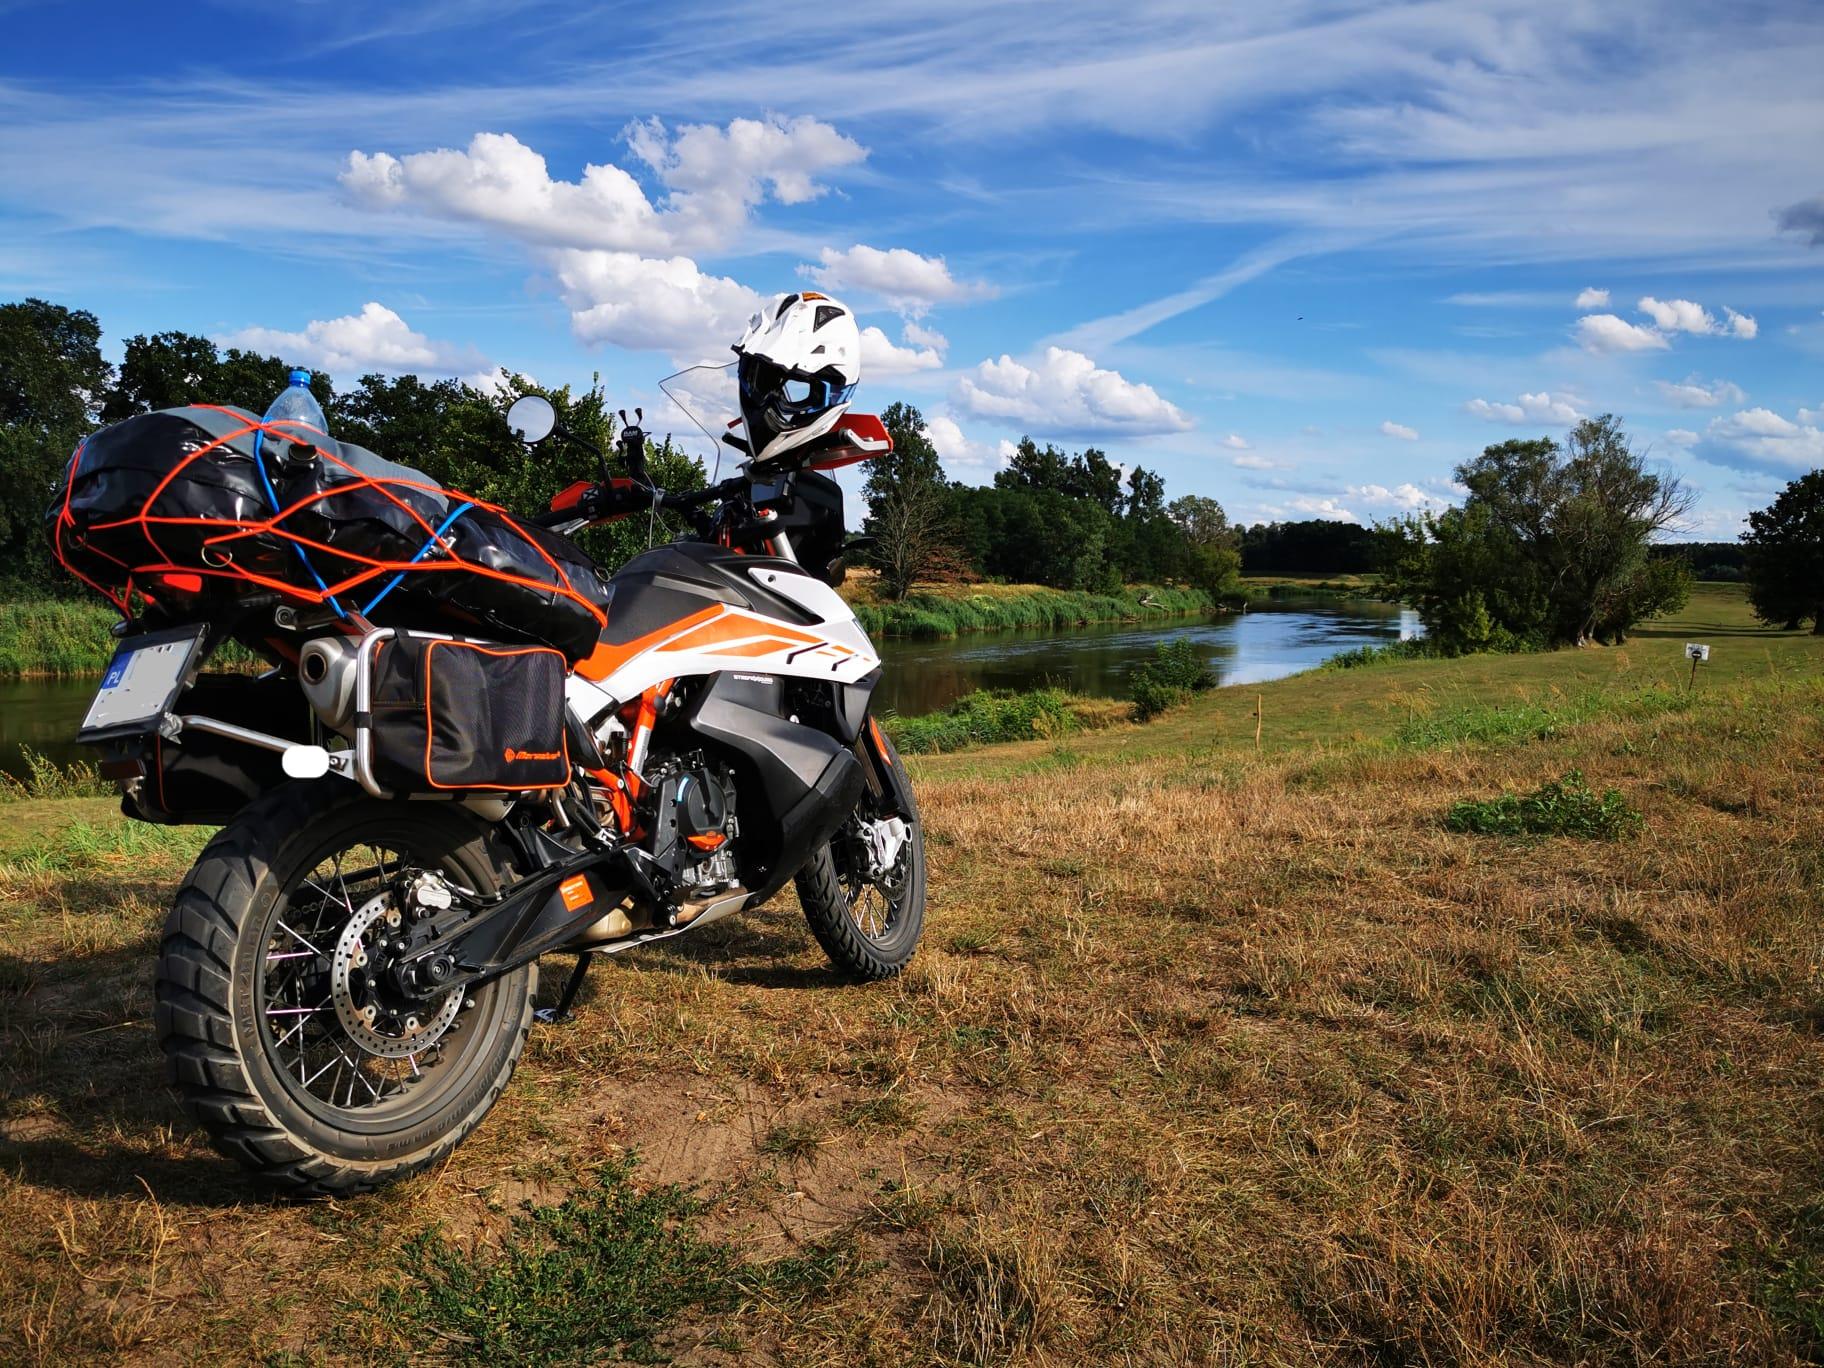 TET Polska: motocyklowy adventure w centrum Europy (również dla mniej doświadczonych)